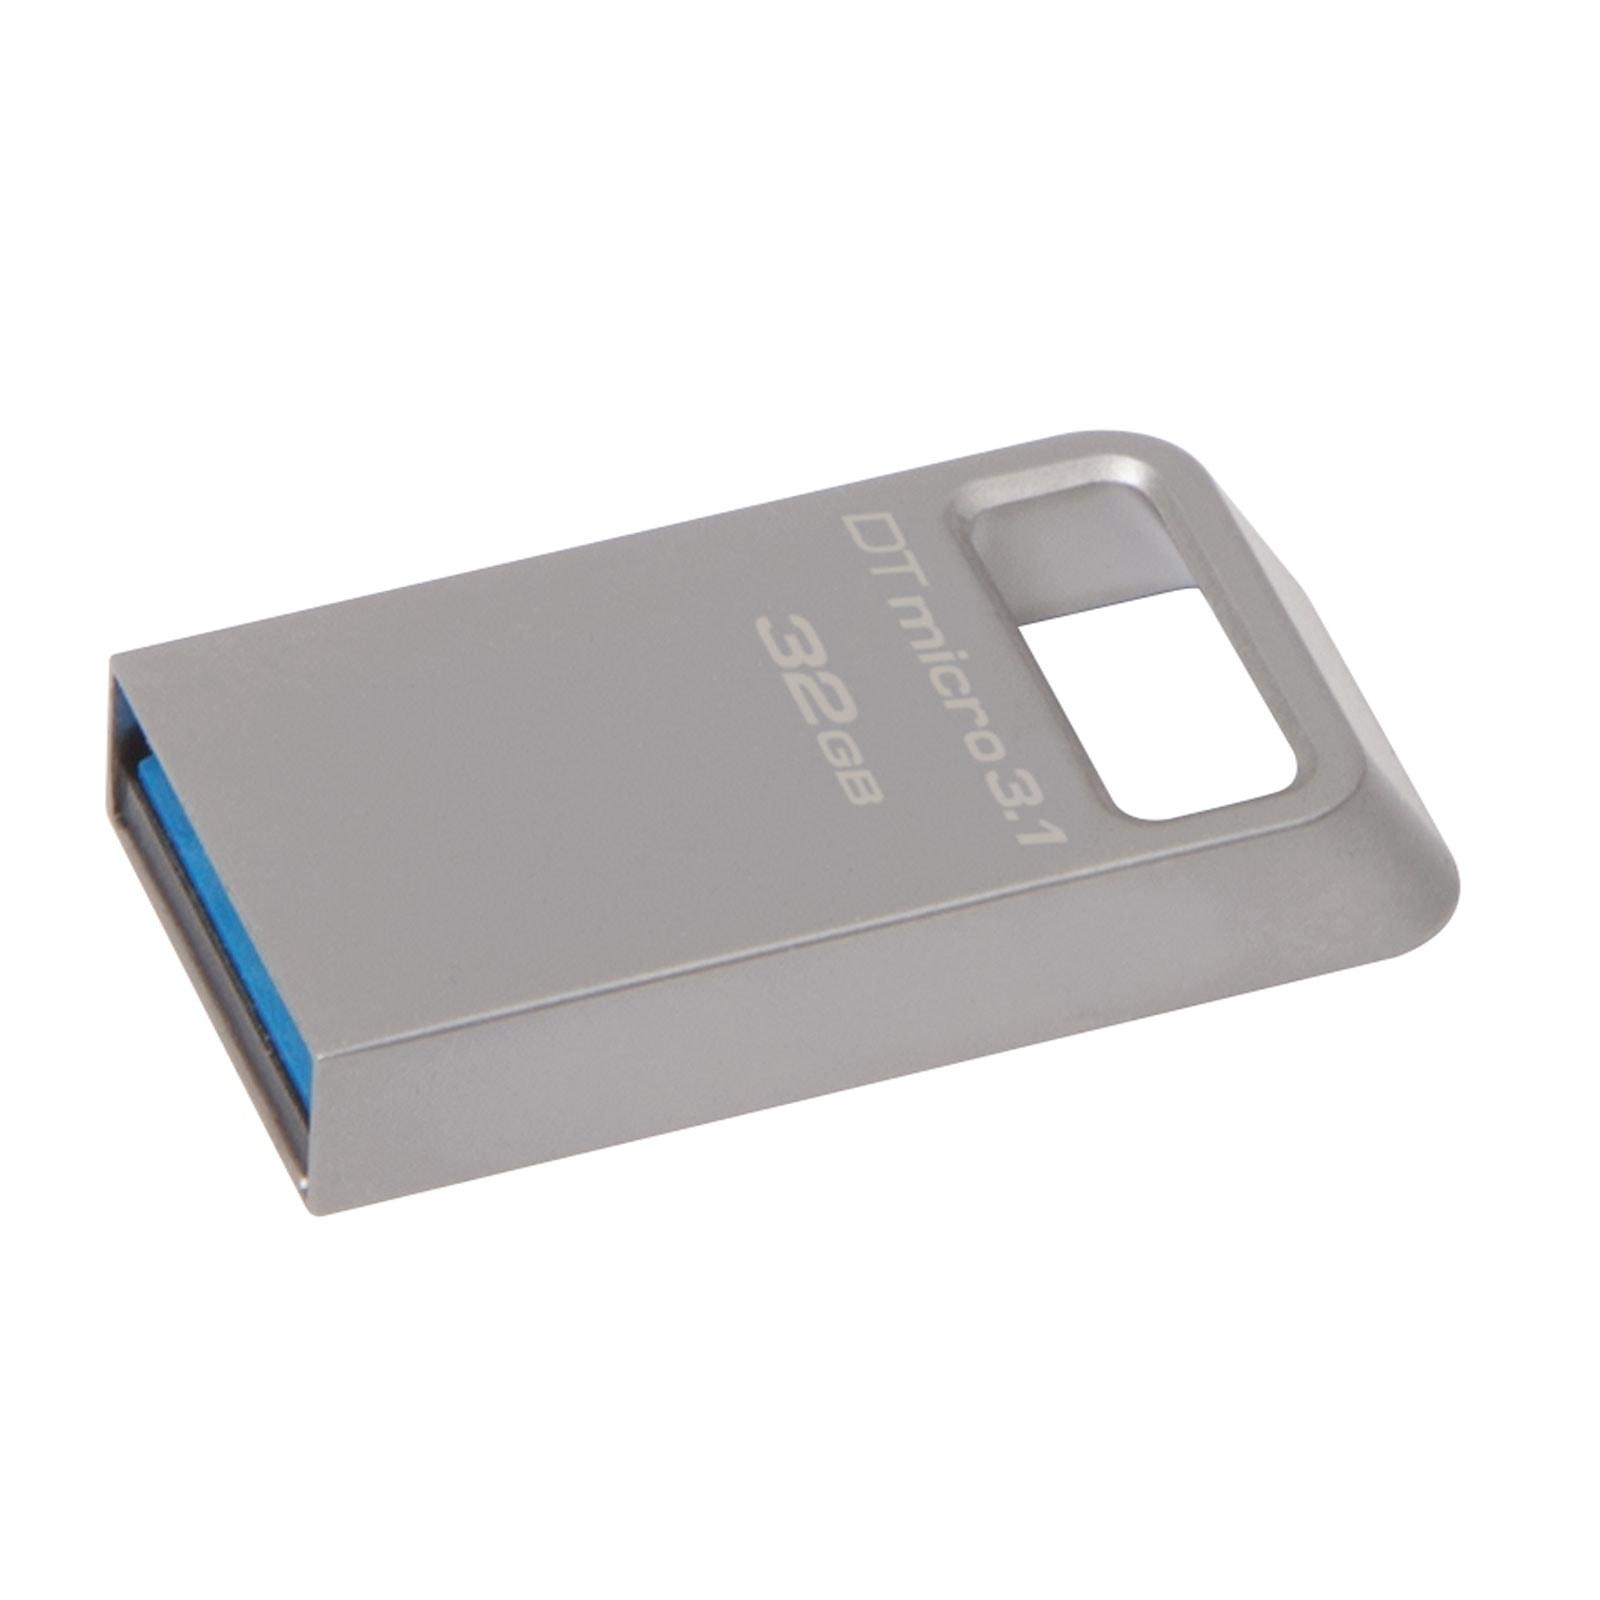 Kingston Clé 32Go USB 3.1 DataTraveler Micro DTMC3/32GB (DTMC3/32GB) - Achat / Vente Clé USB sur Cybertek.fr - 0